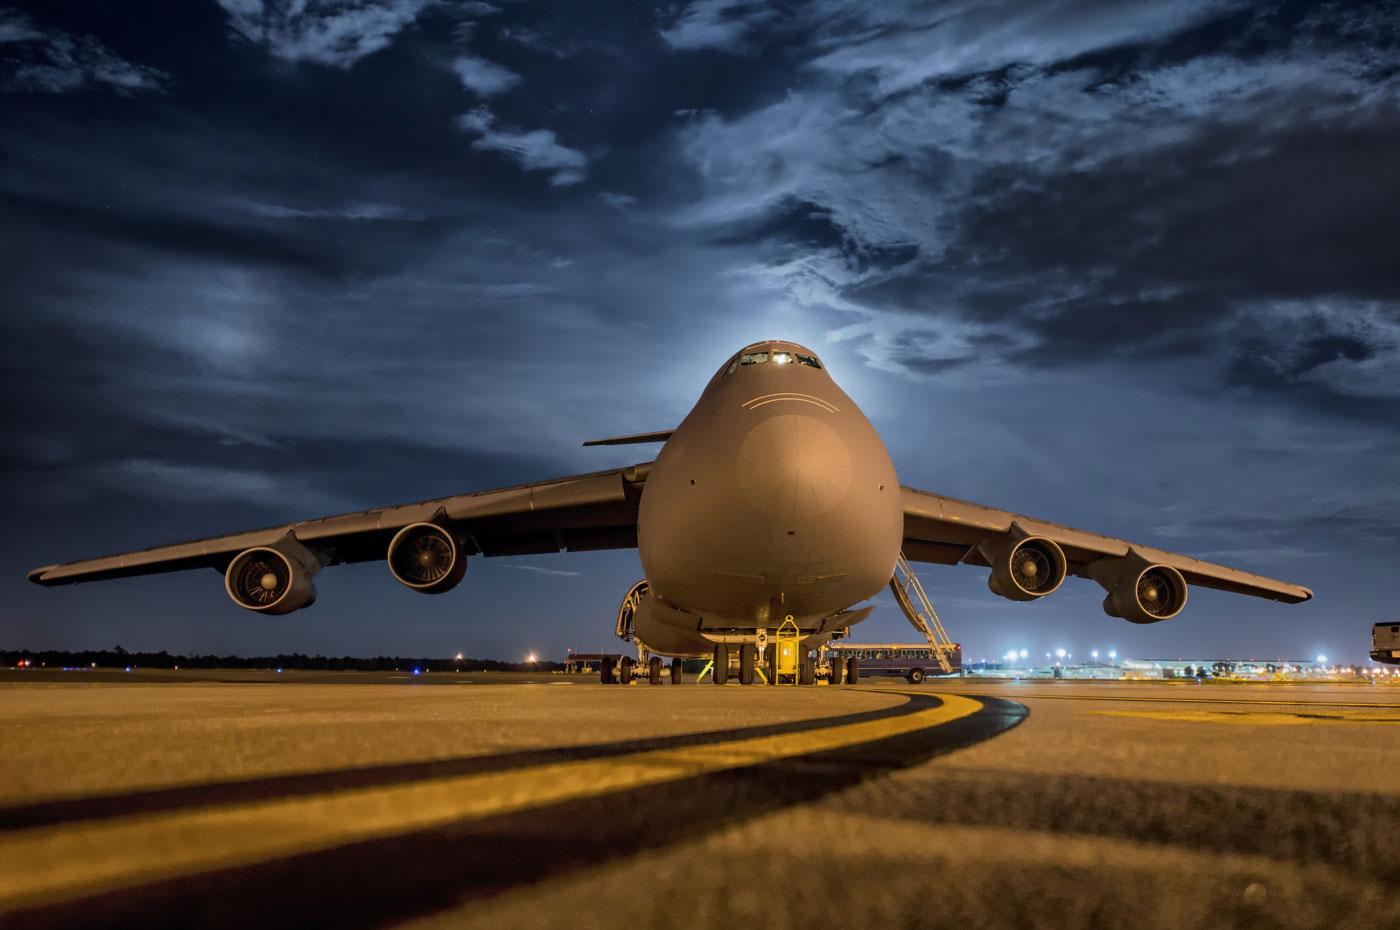 Aile d'avion en plein vol